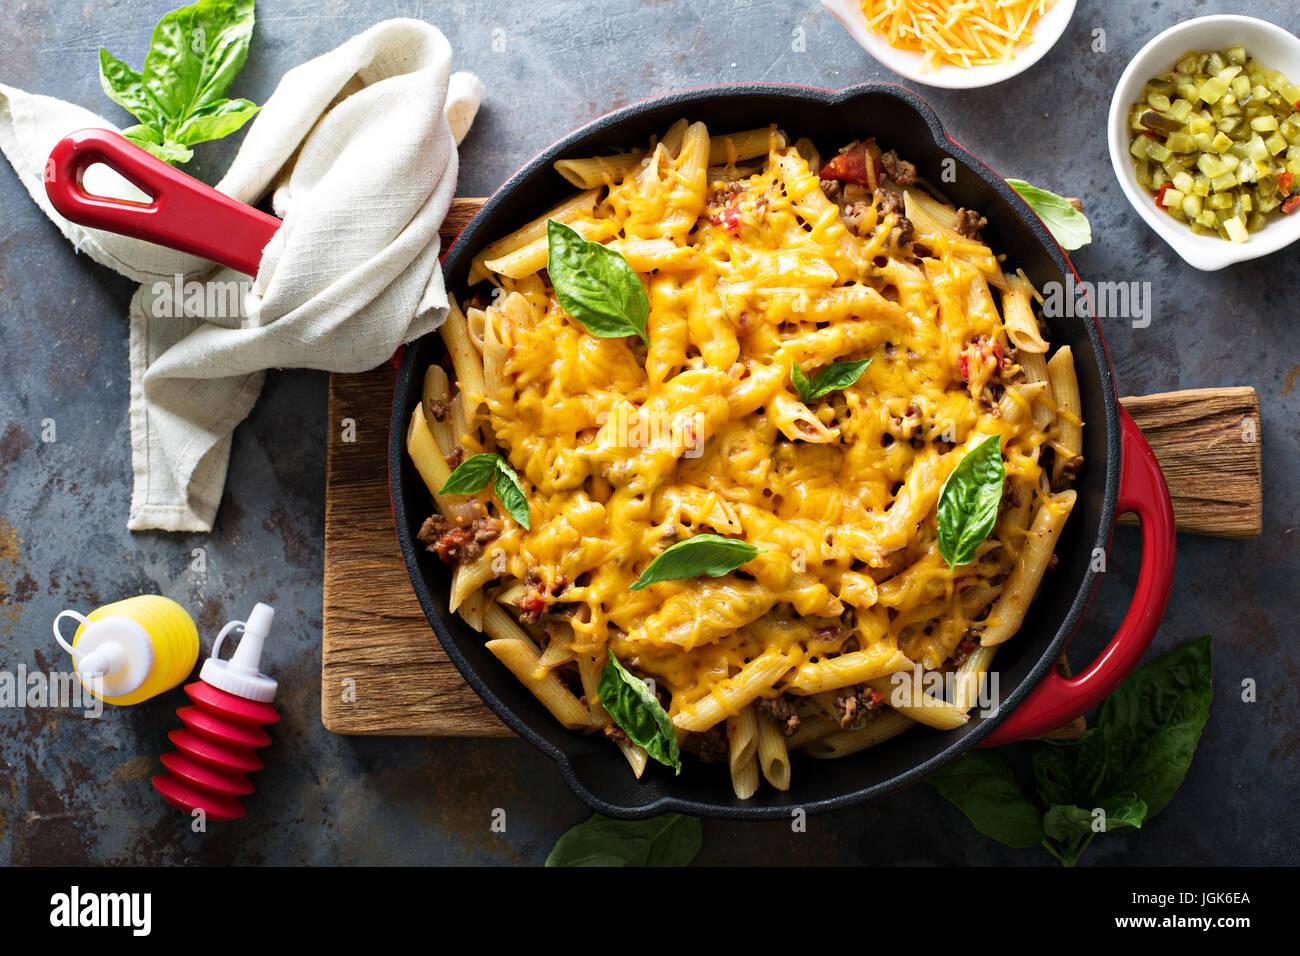 Cheesy cuocere la pasta con carne macinata di manzo e erbe aromatiche Immagini Stock